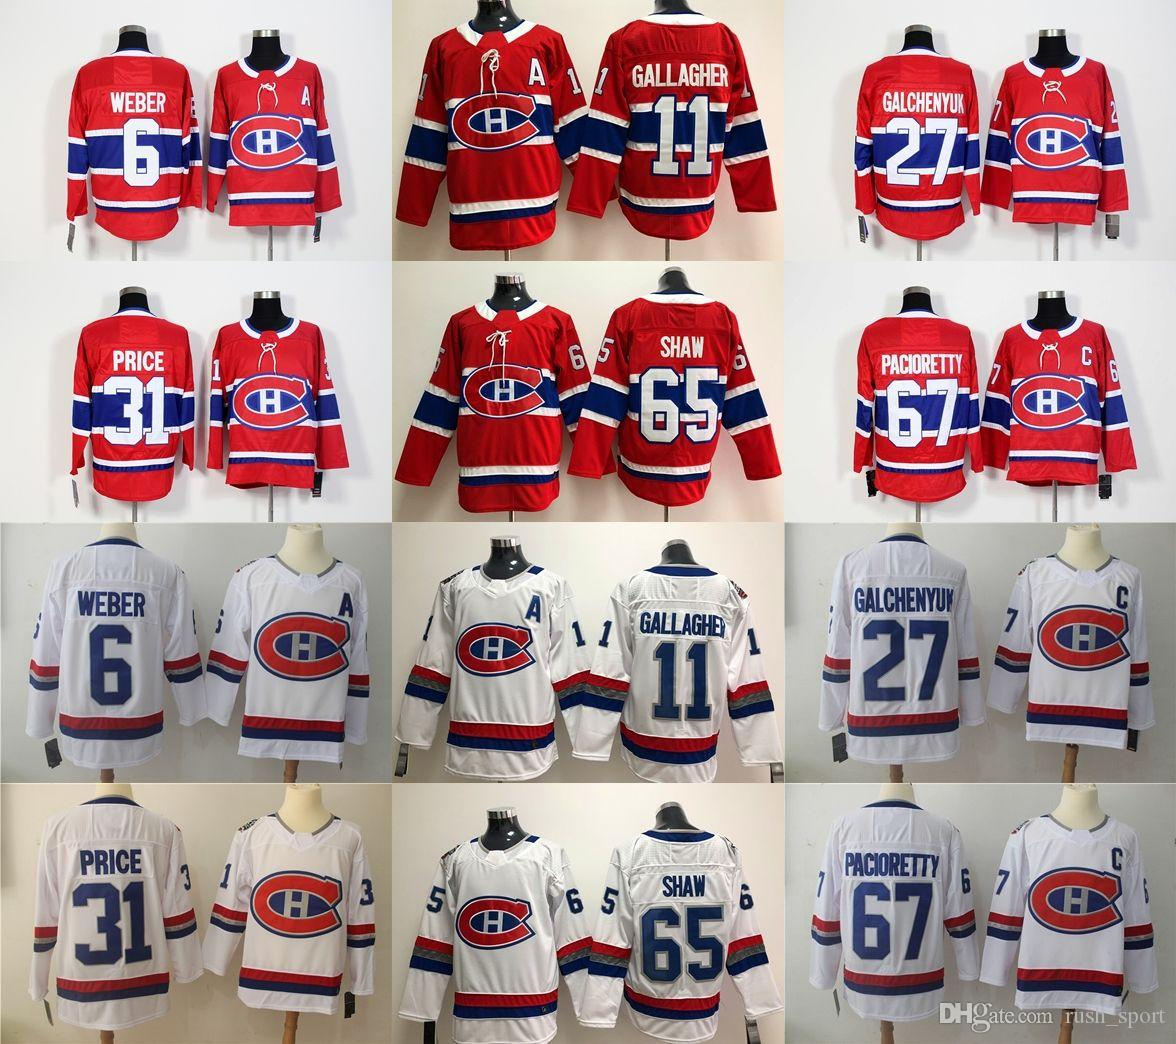 029858a68e1 2018 Season AD Montreal Canadiens Cheap Hockey Jerseys PRICE 31 ...